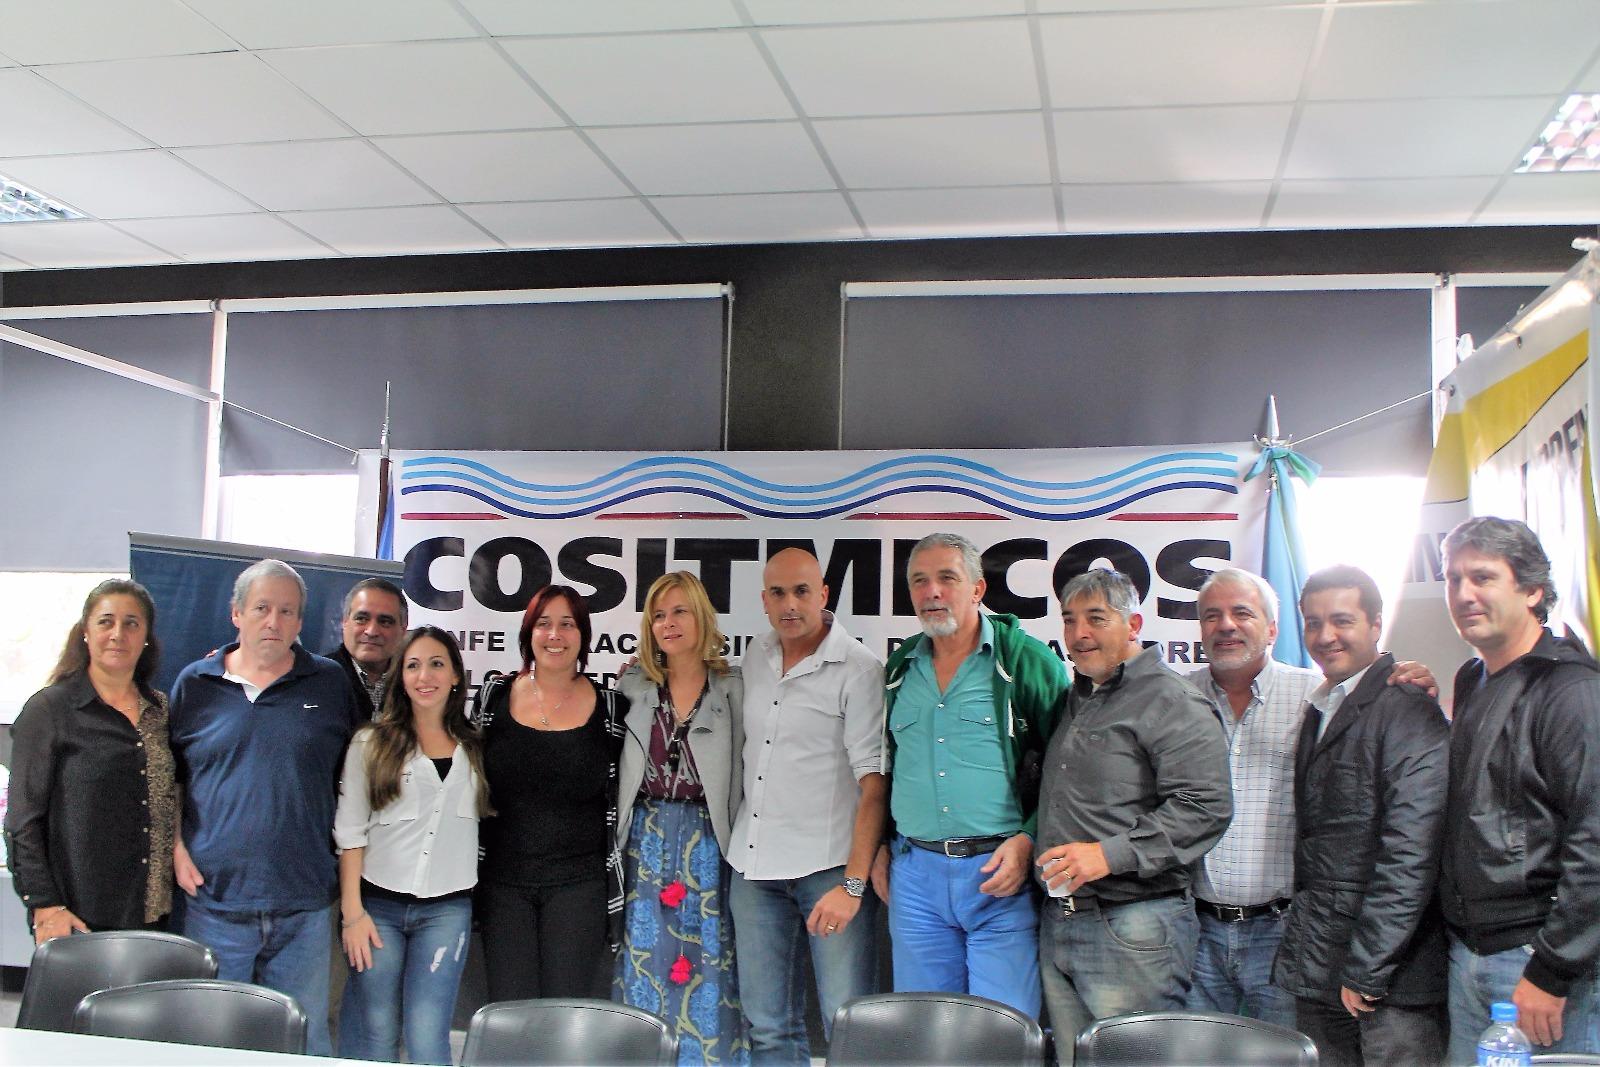 Gremios de la Comunicación y la Facultad de Periodismo de la UNLP firmaron acuerdo de cooperación y promoción del trabajo local